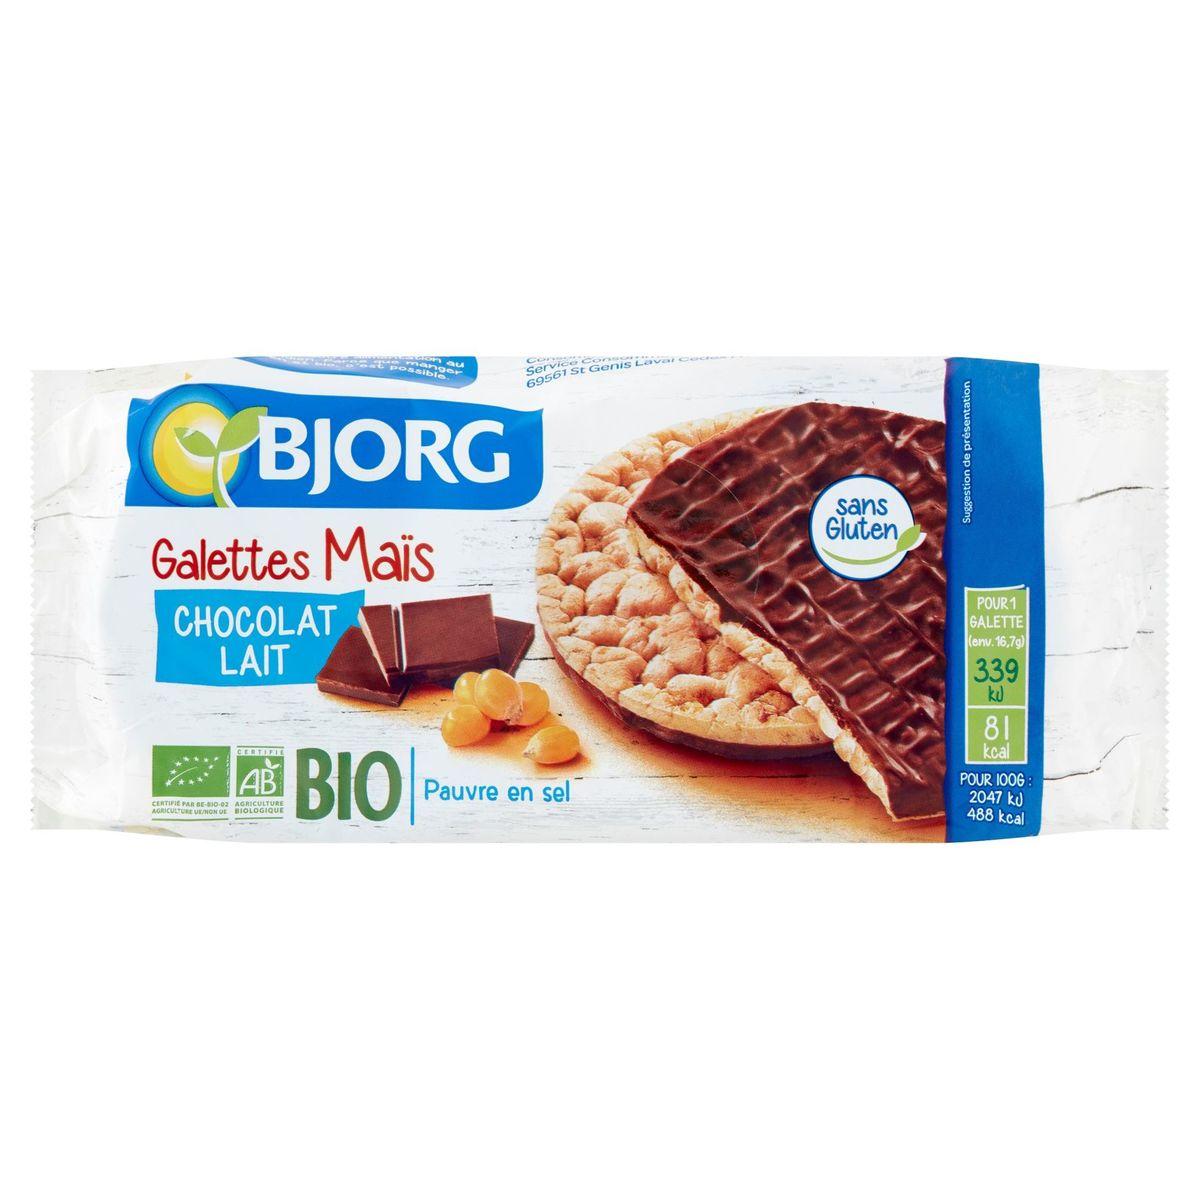 Bjorg Galettes Maïs Chocolat Lait 100 g